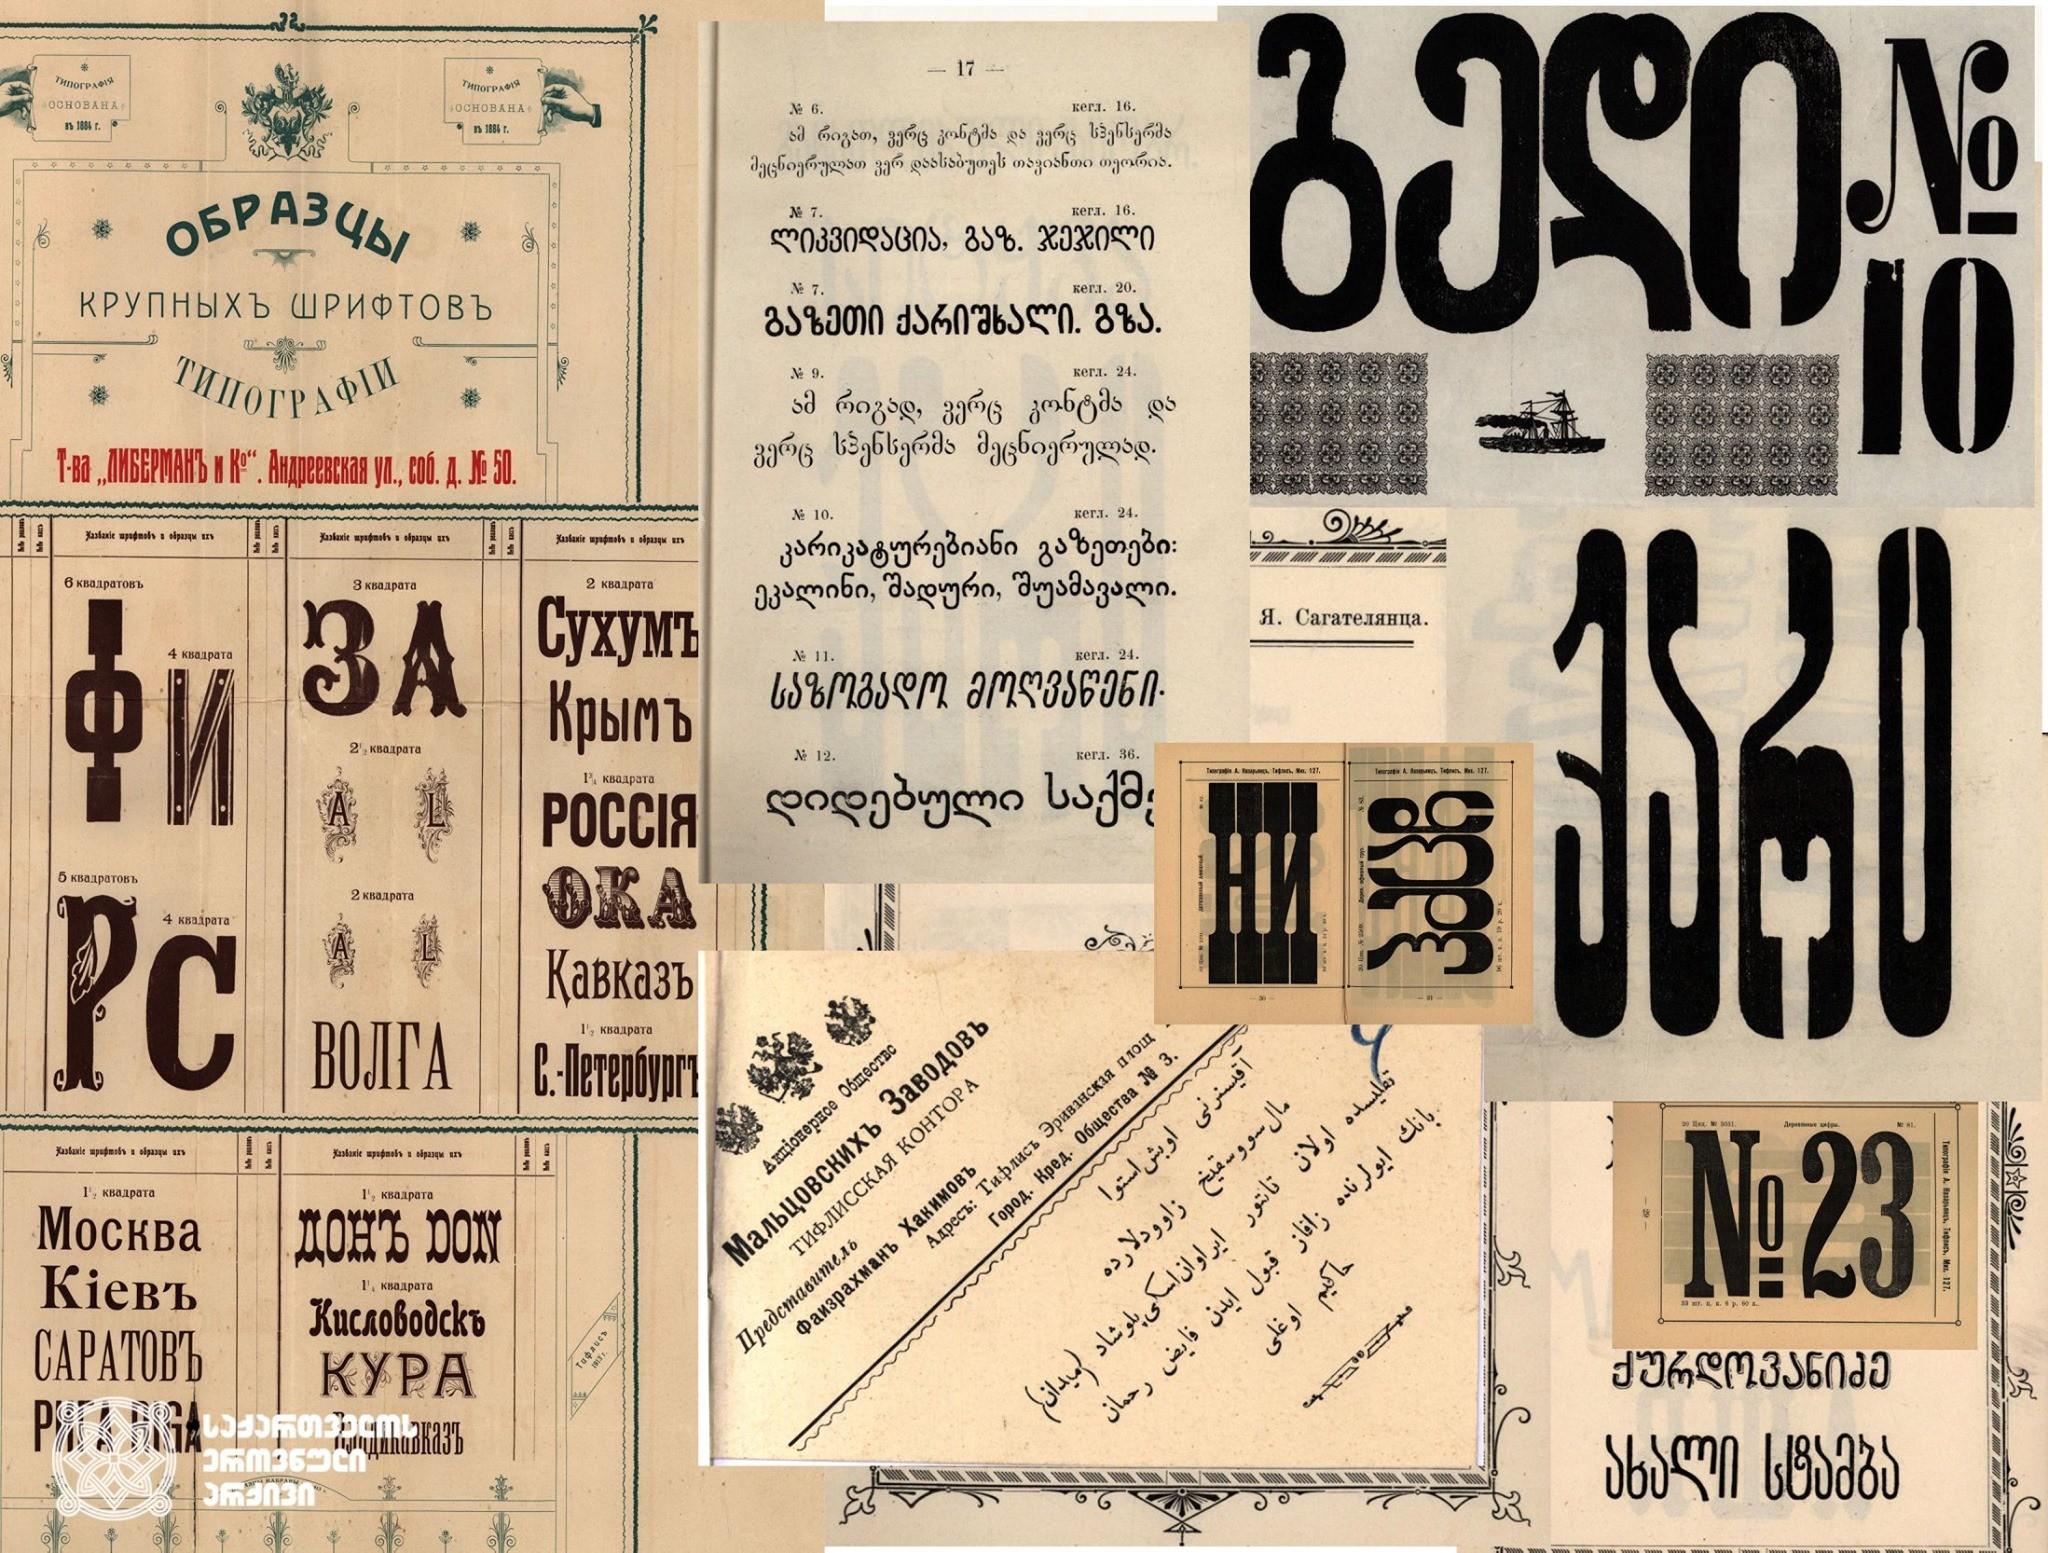 გამოძიებებისთვის საგანგებოდ შესწავლილი შრიფტების ნიმუშები <br> Specially studied fonts for using for the investigations